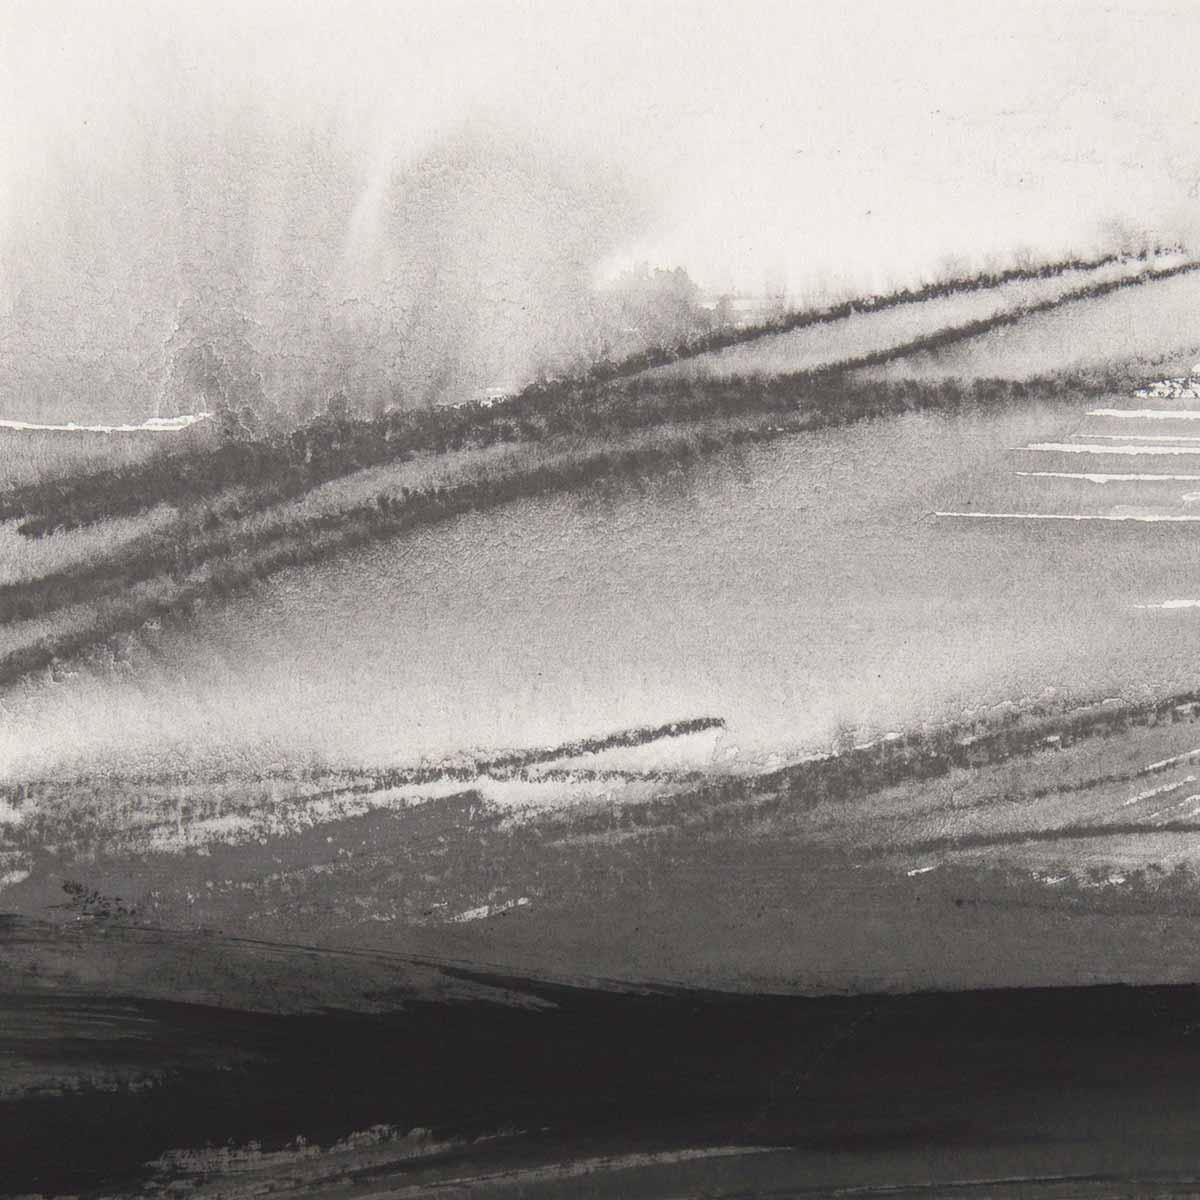 10 x 10 cm, aquarelle, encre de Chine et graphite sur papier, 2 nov 14